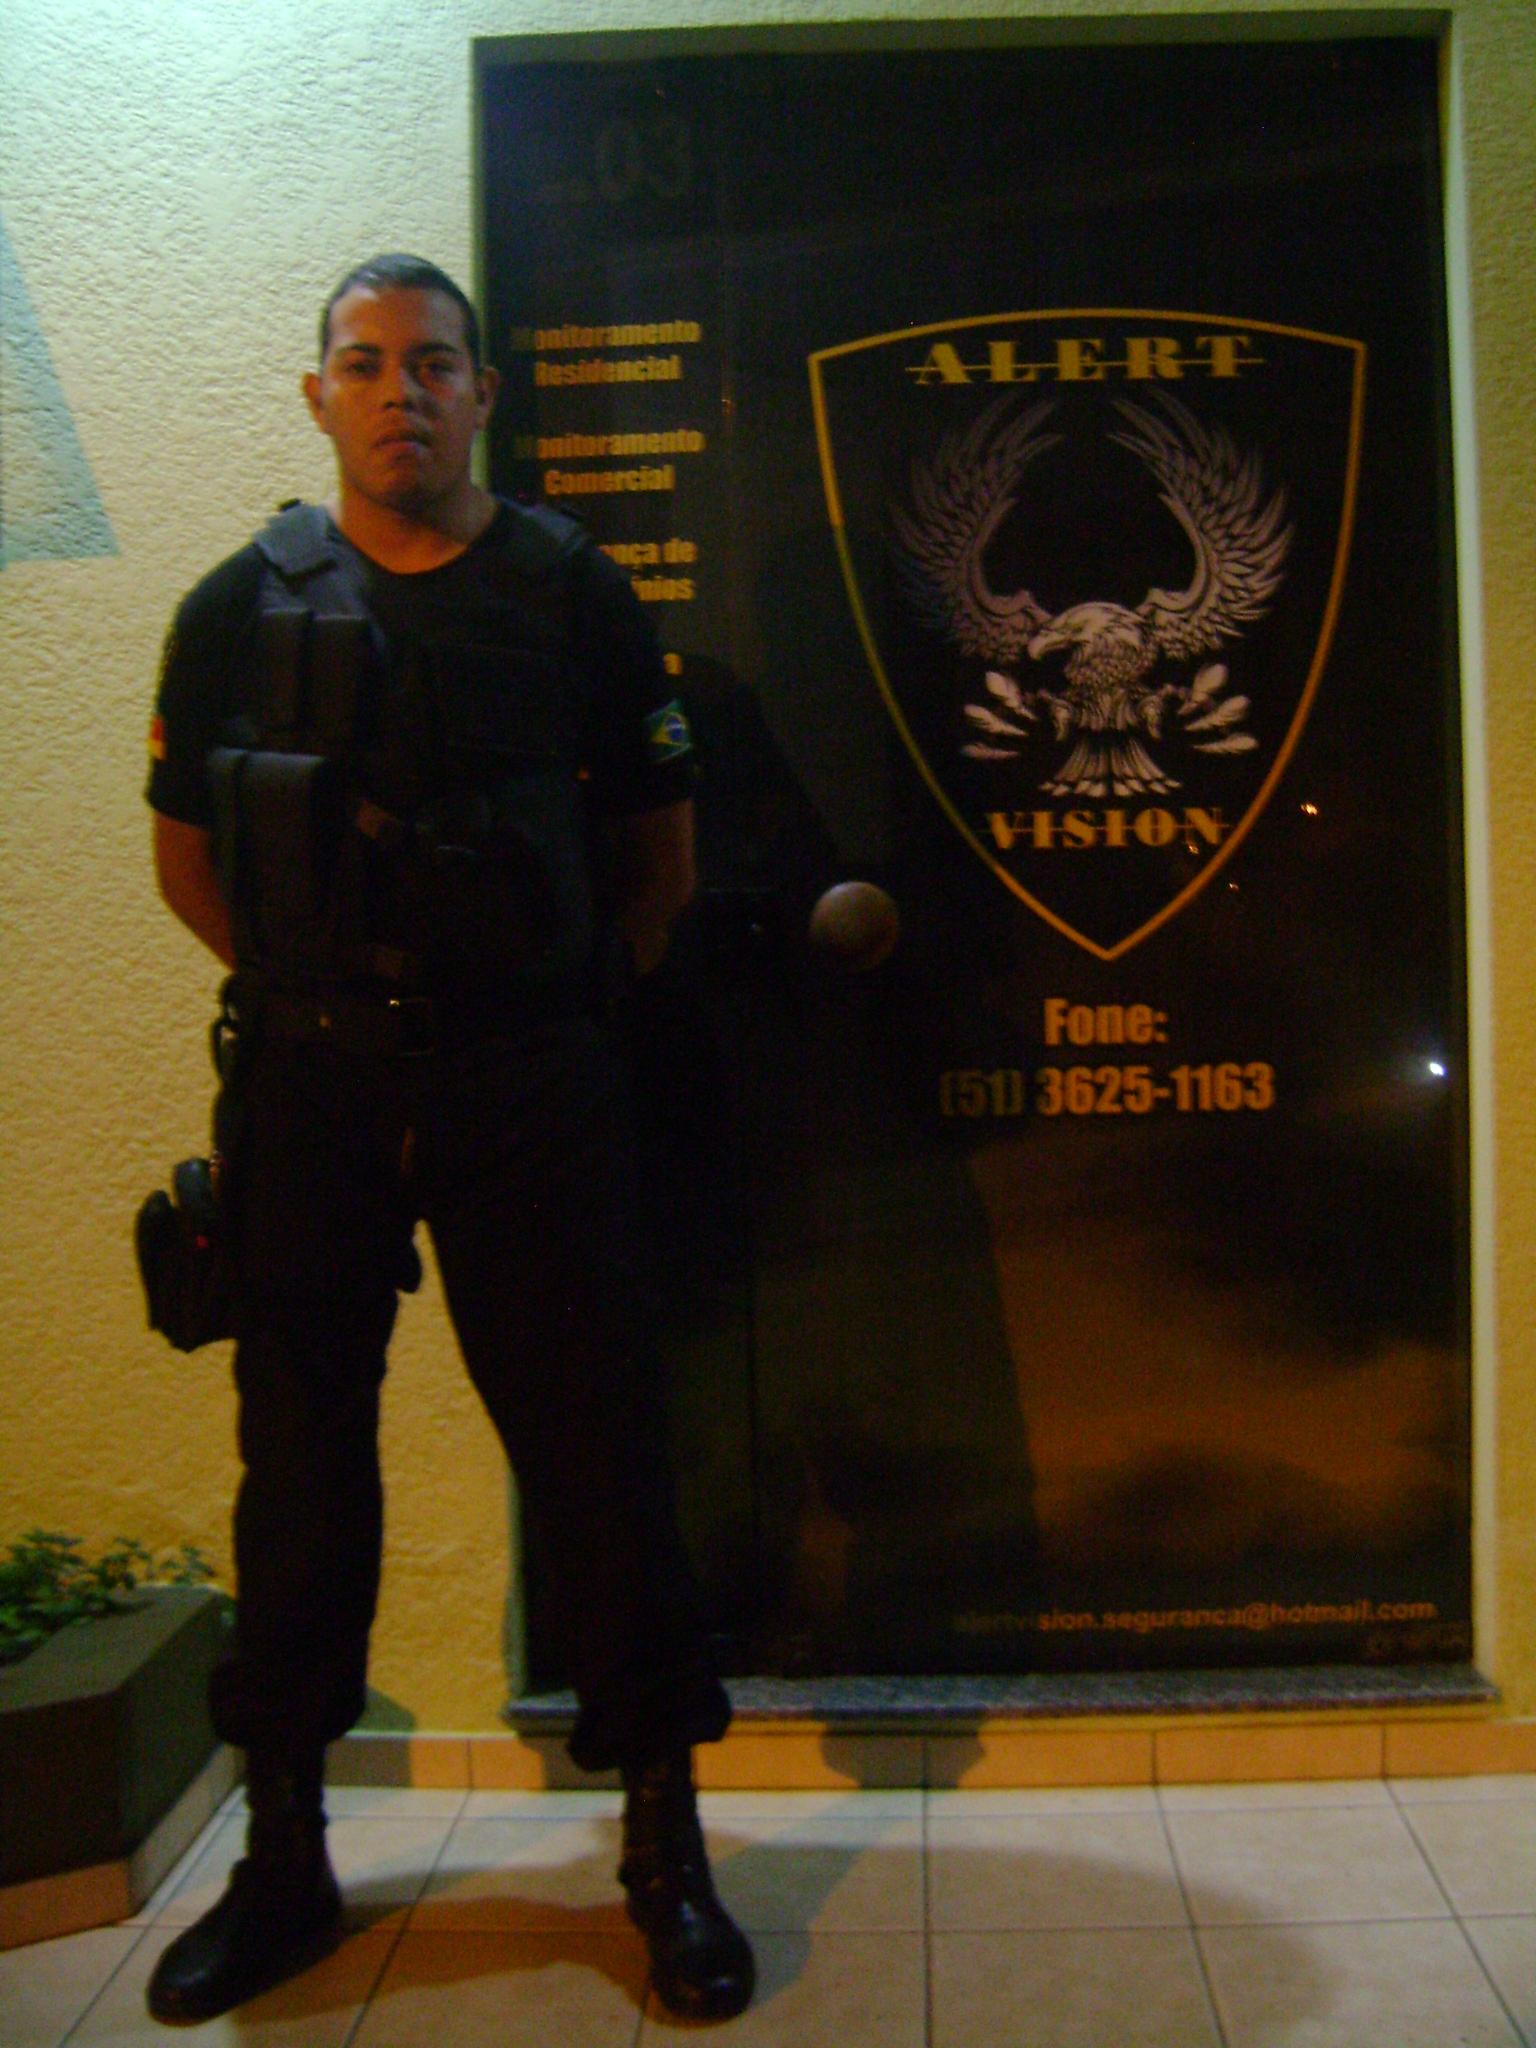 Foto de Alert Vision Segurança